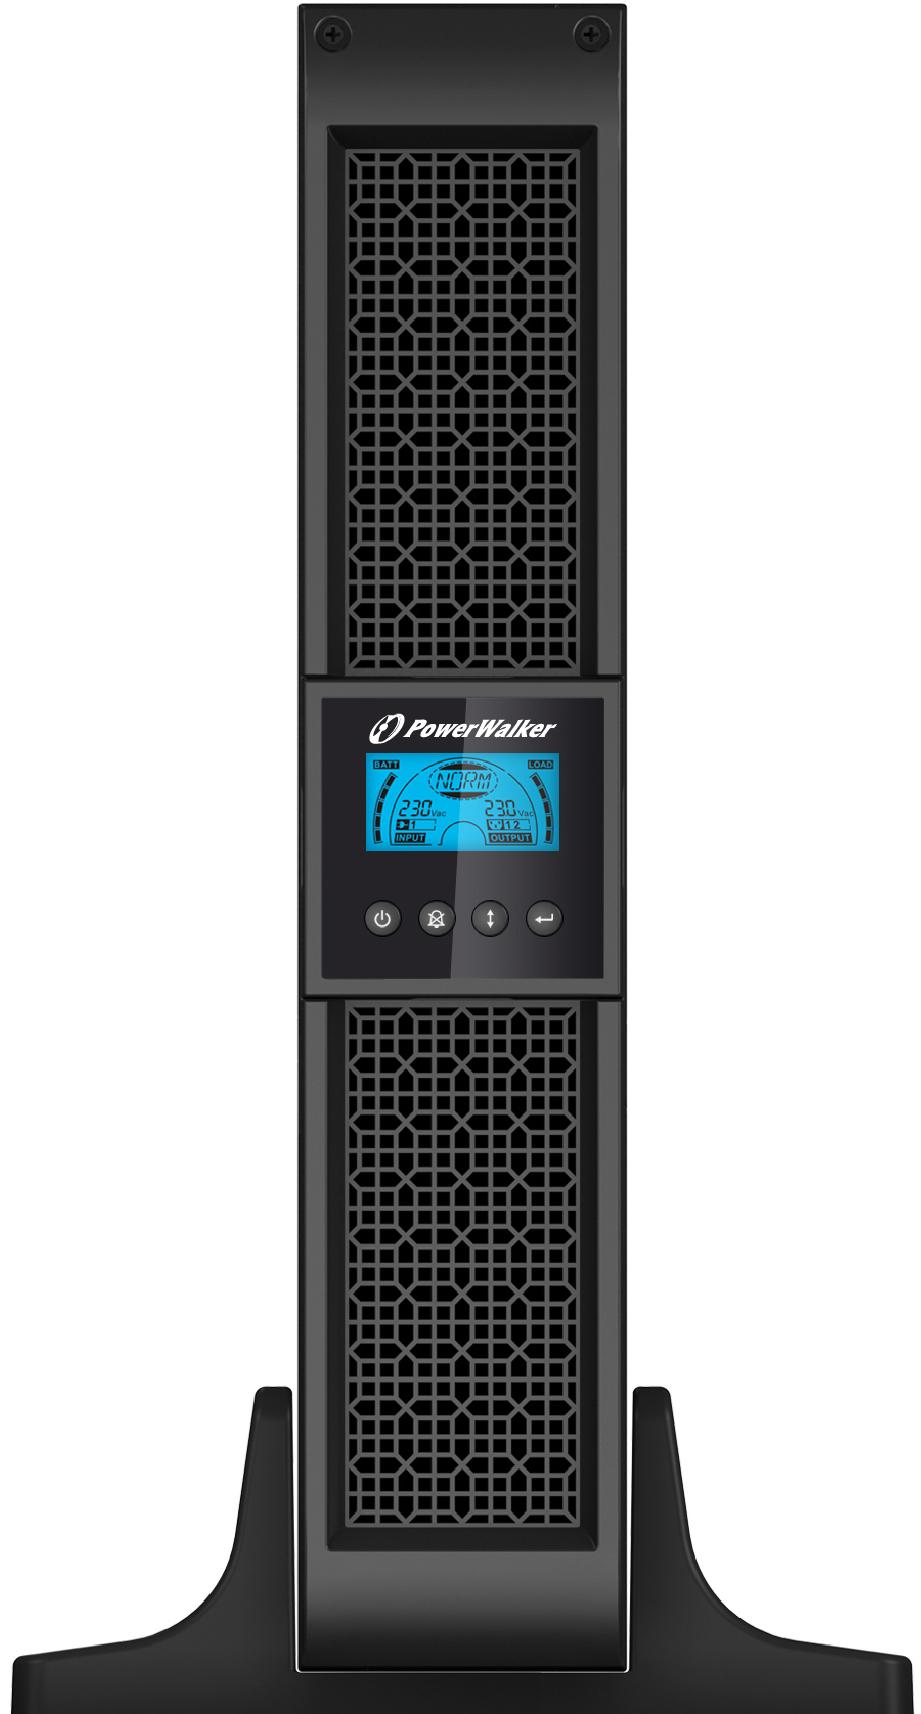 https://www.axvistech.pt/wp-content/uploads/2015/09/-powerwalker-vi-1000-e-rt-lcd-tower-front-484x900.jpg?484x900